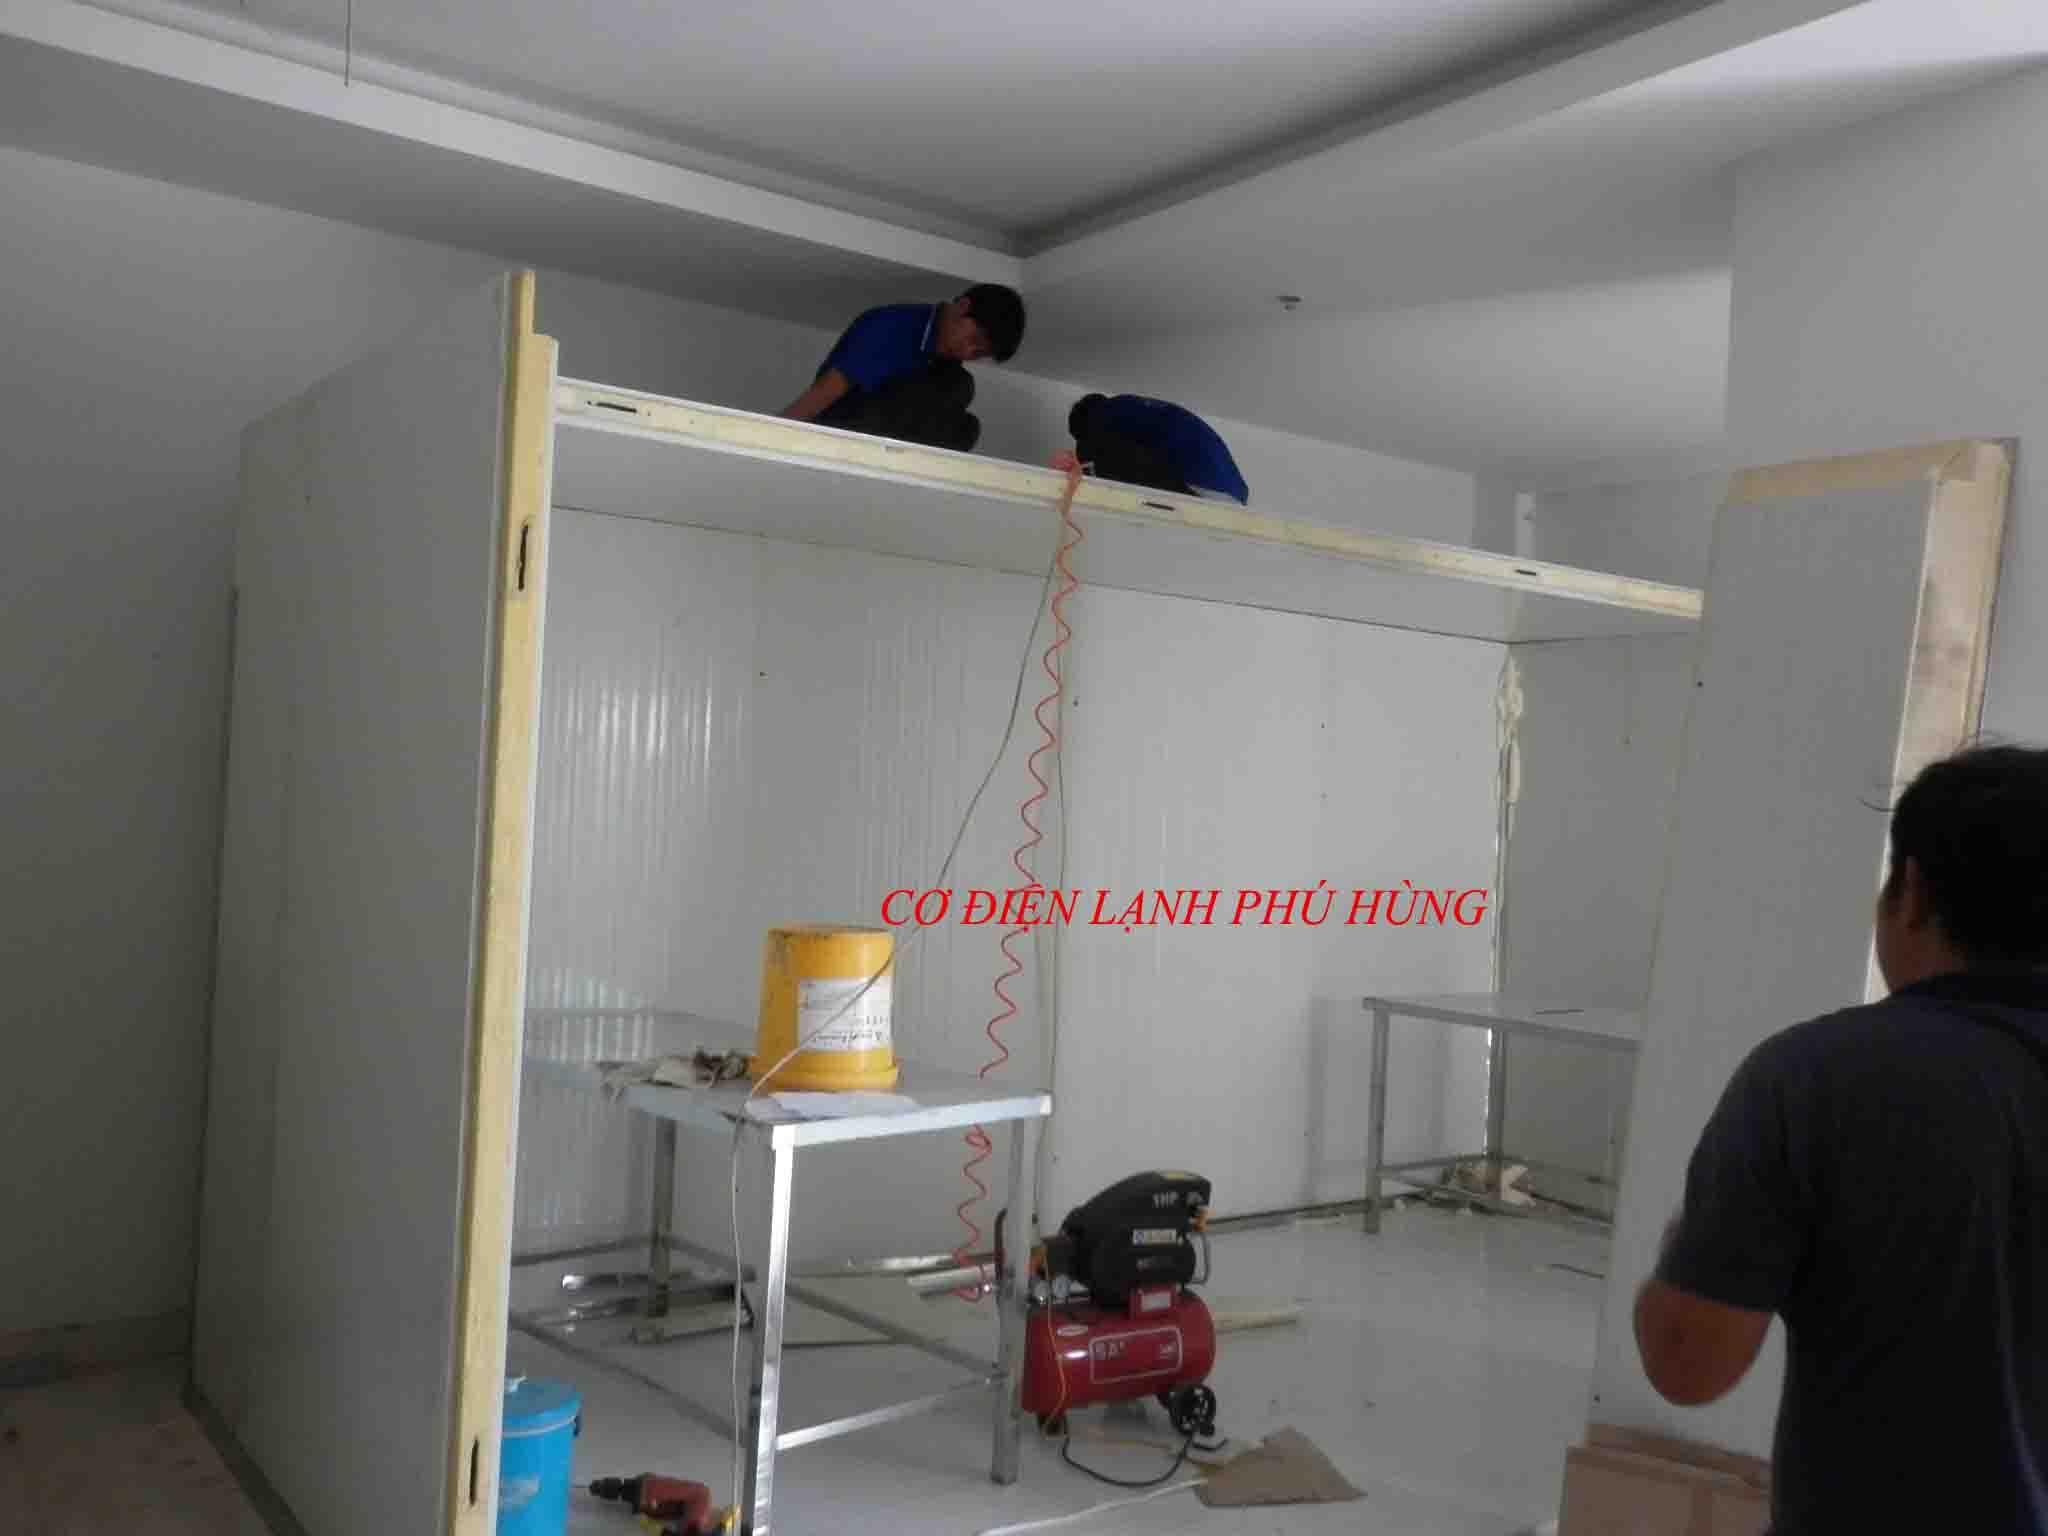 kl resortdvP10701461 - Kho lạnh khách sạn - resort  Khánh Hòa